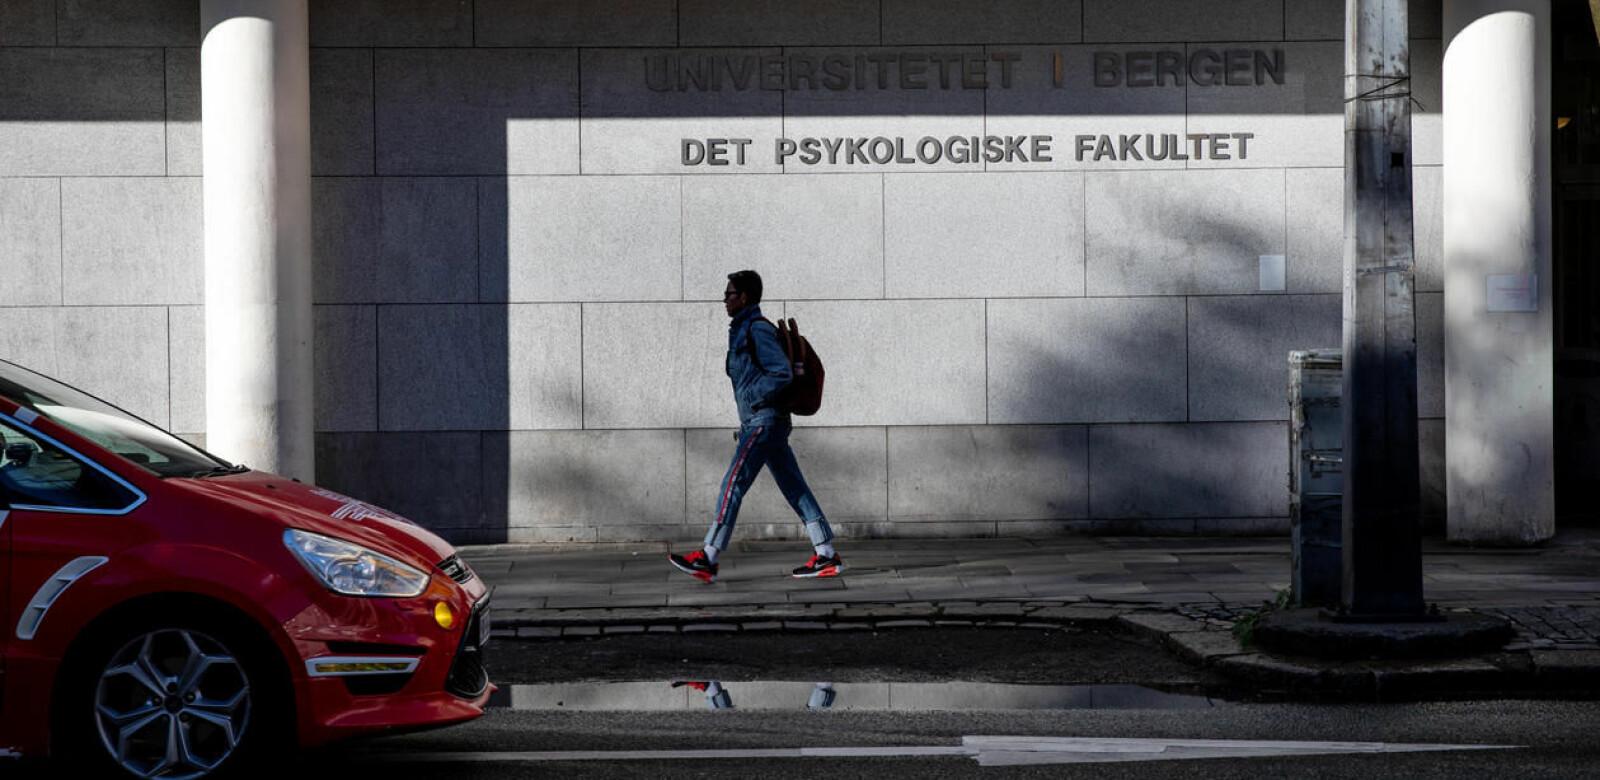 Den tyske studenten mener systemet for varsling ved Universitetet i Bergen må forbedres og tilliten til det gjenopprettes. Dette er et illustrasjonsfoto av Det psykologiske fakultet.